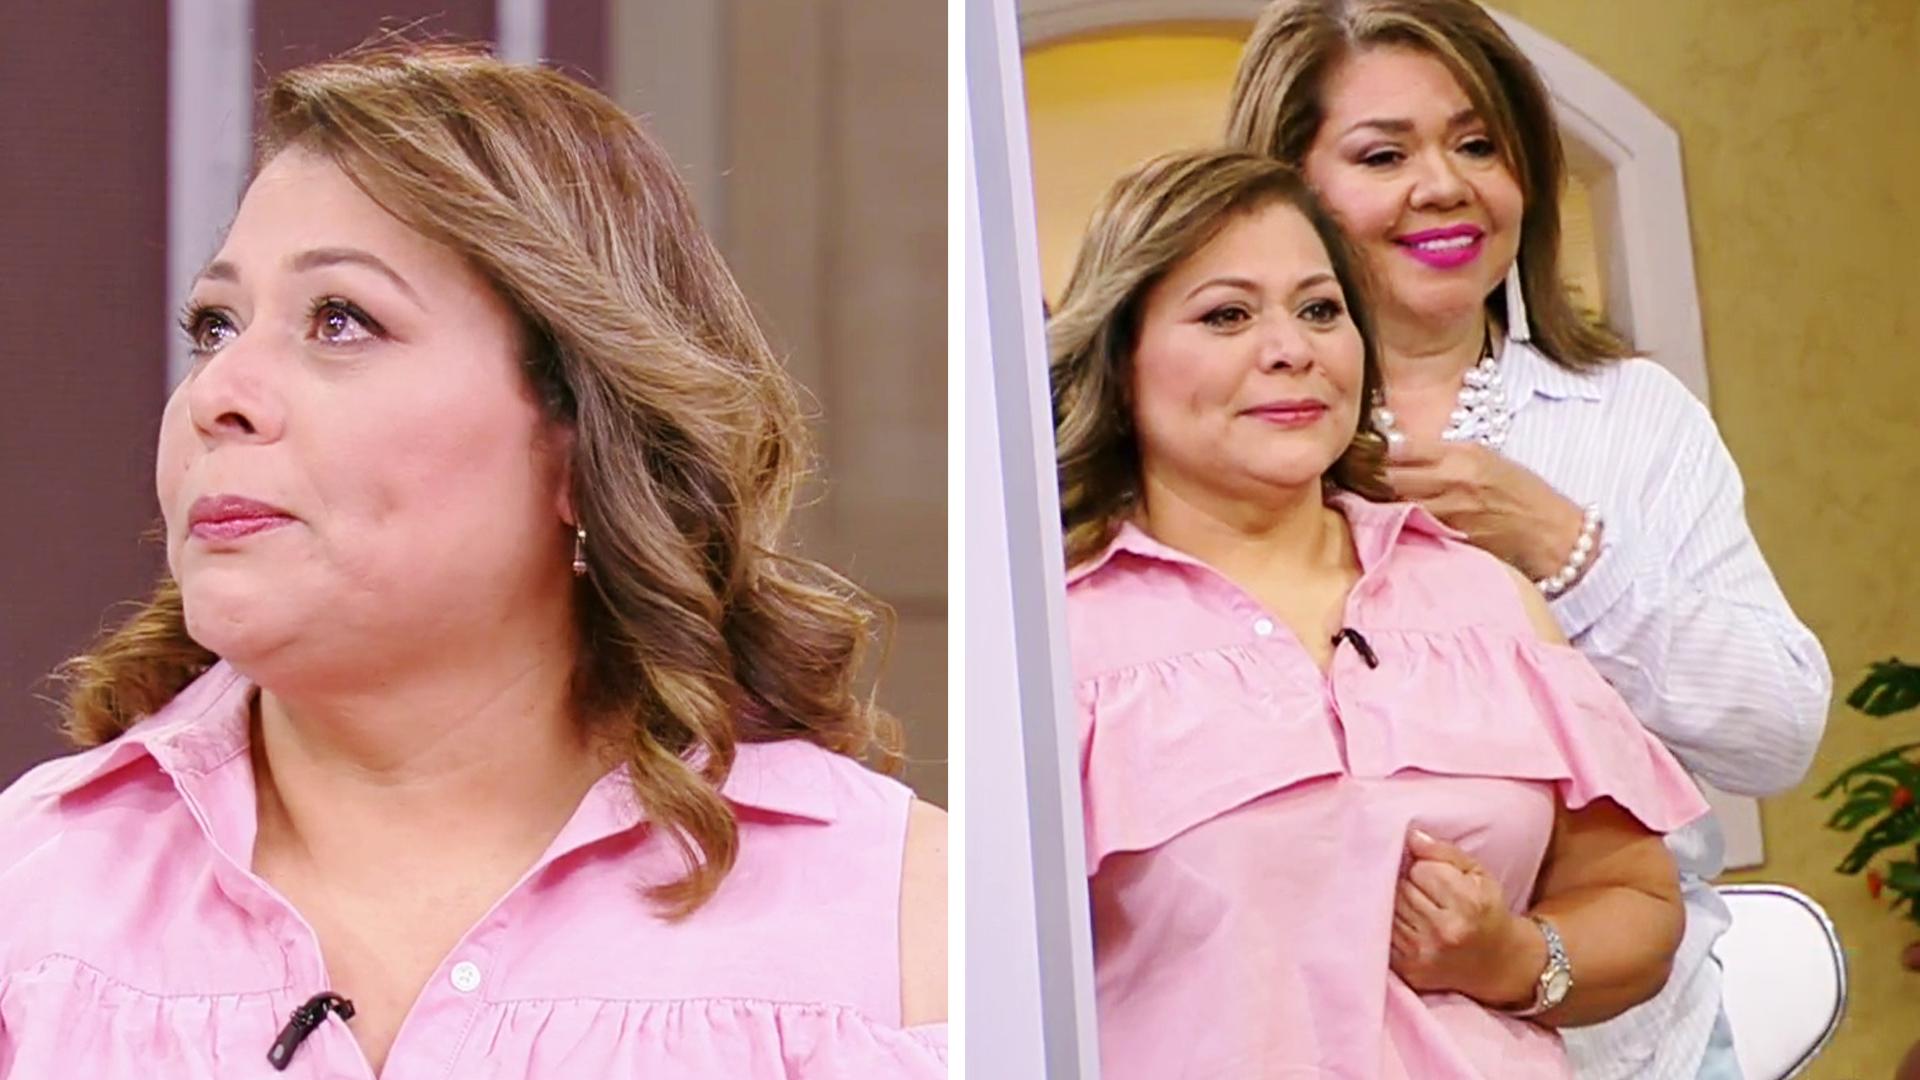 Volvimos a hacer la terapia frente al espejo para ayudar a una mujer  víctima de violencia doméstica | Shows Despierta América | Univision